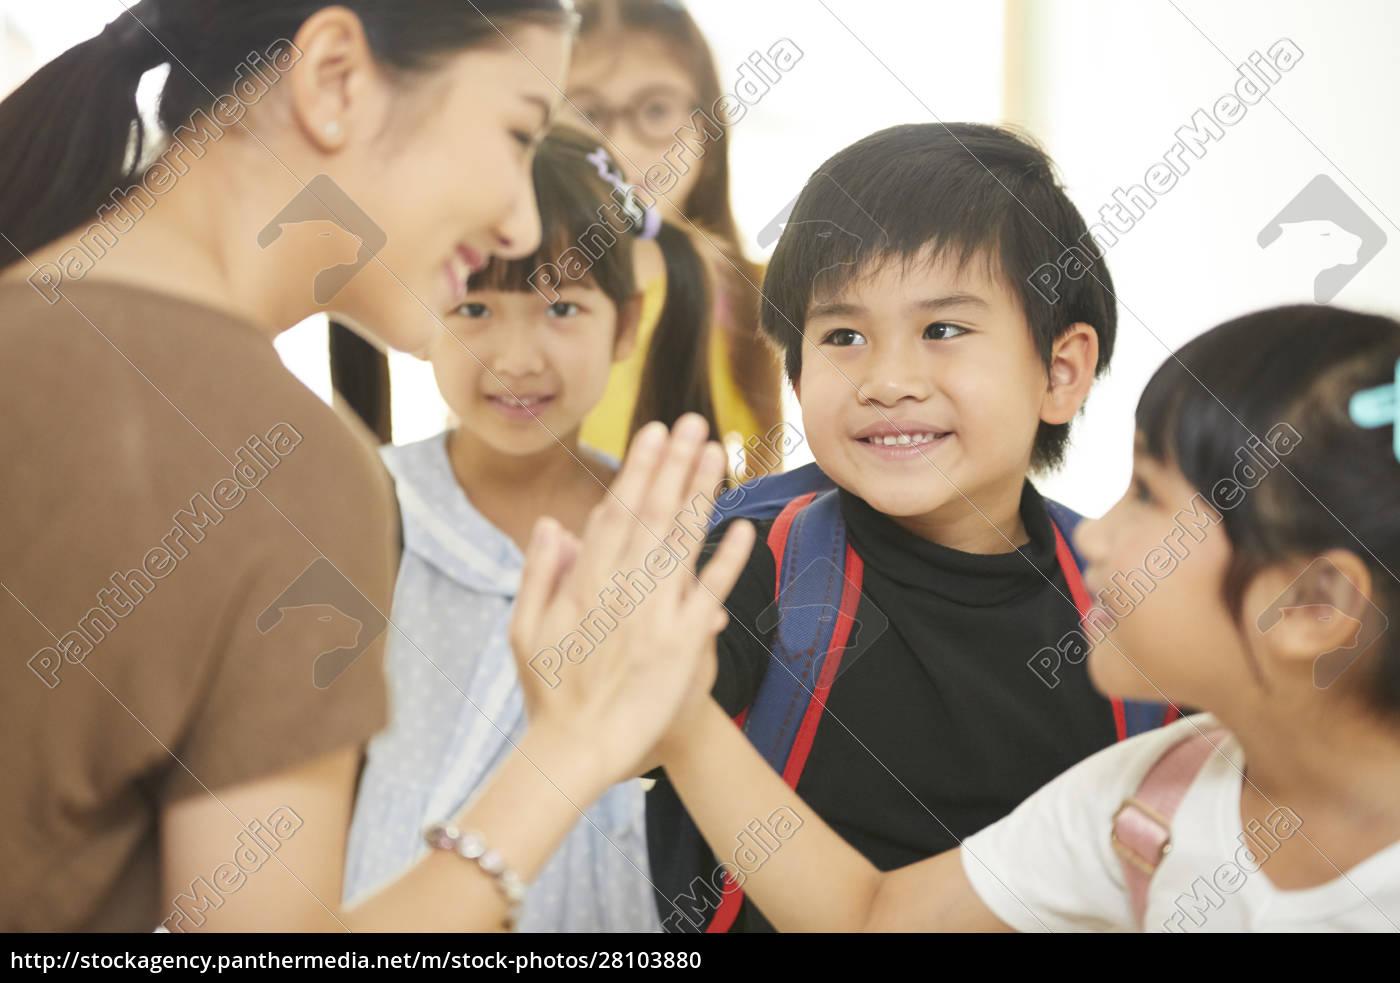 Życie, szkolne, dla, dzieci, w, wieku - 28103880